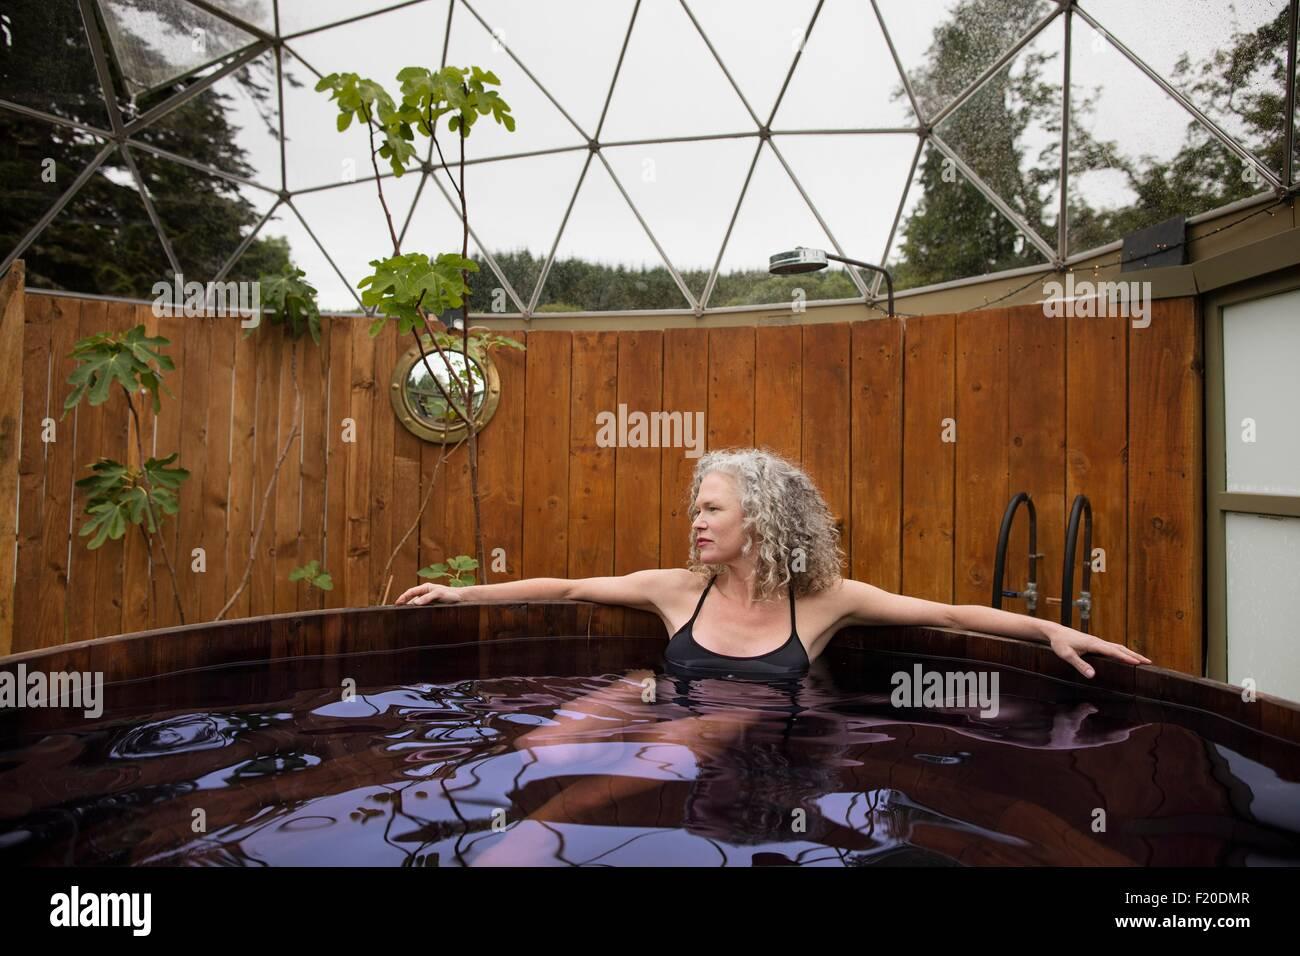 Donna matura relax nella vasca calda al rifugio eco Immagini Stock